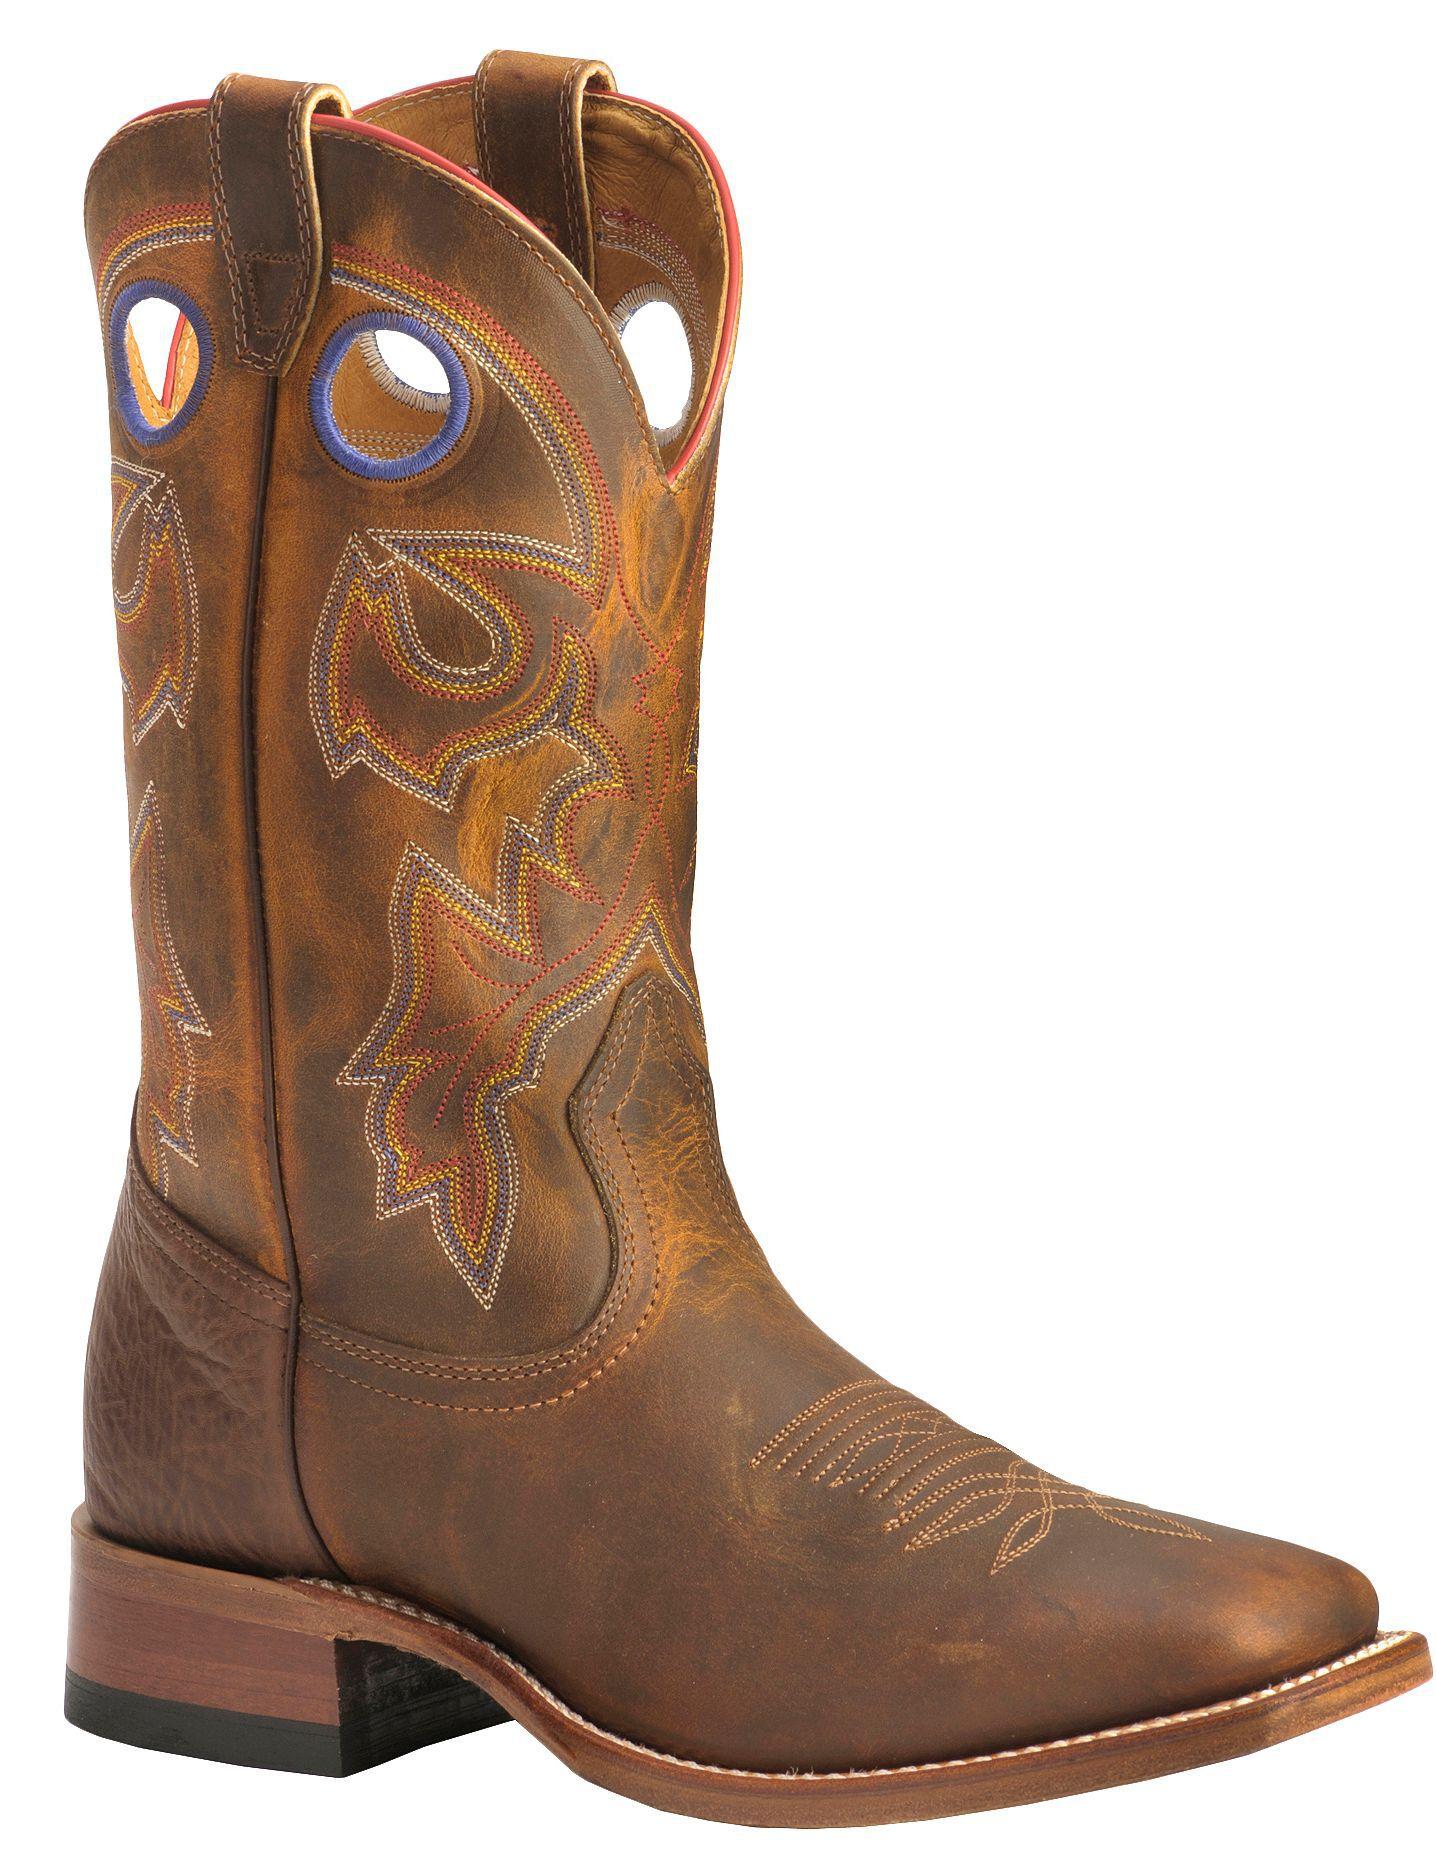 Men's Stockman Boots - Sheplers